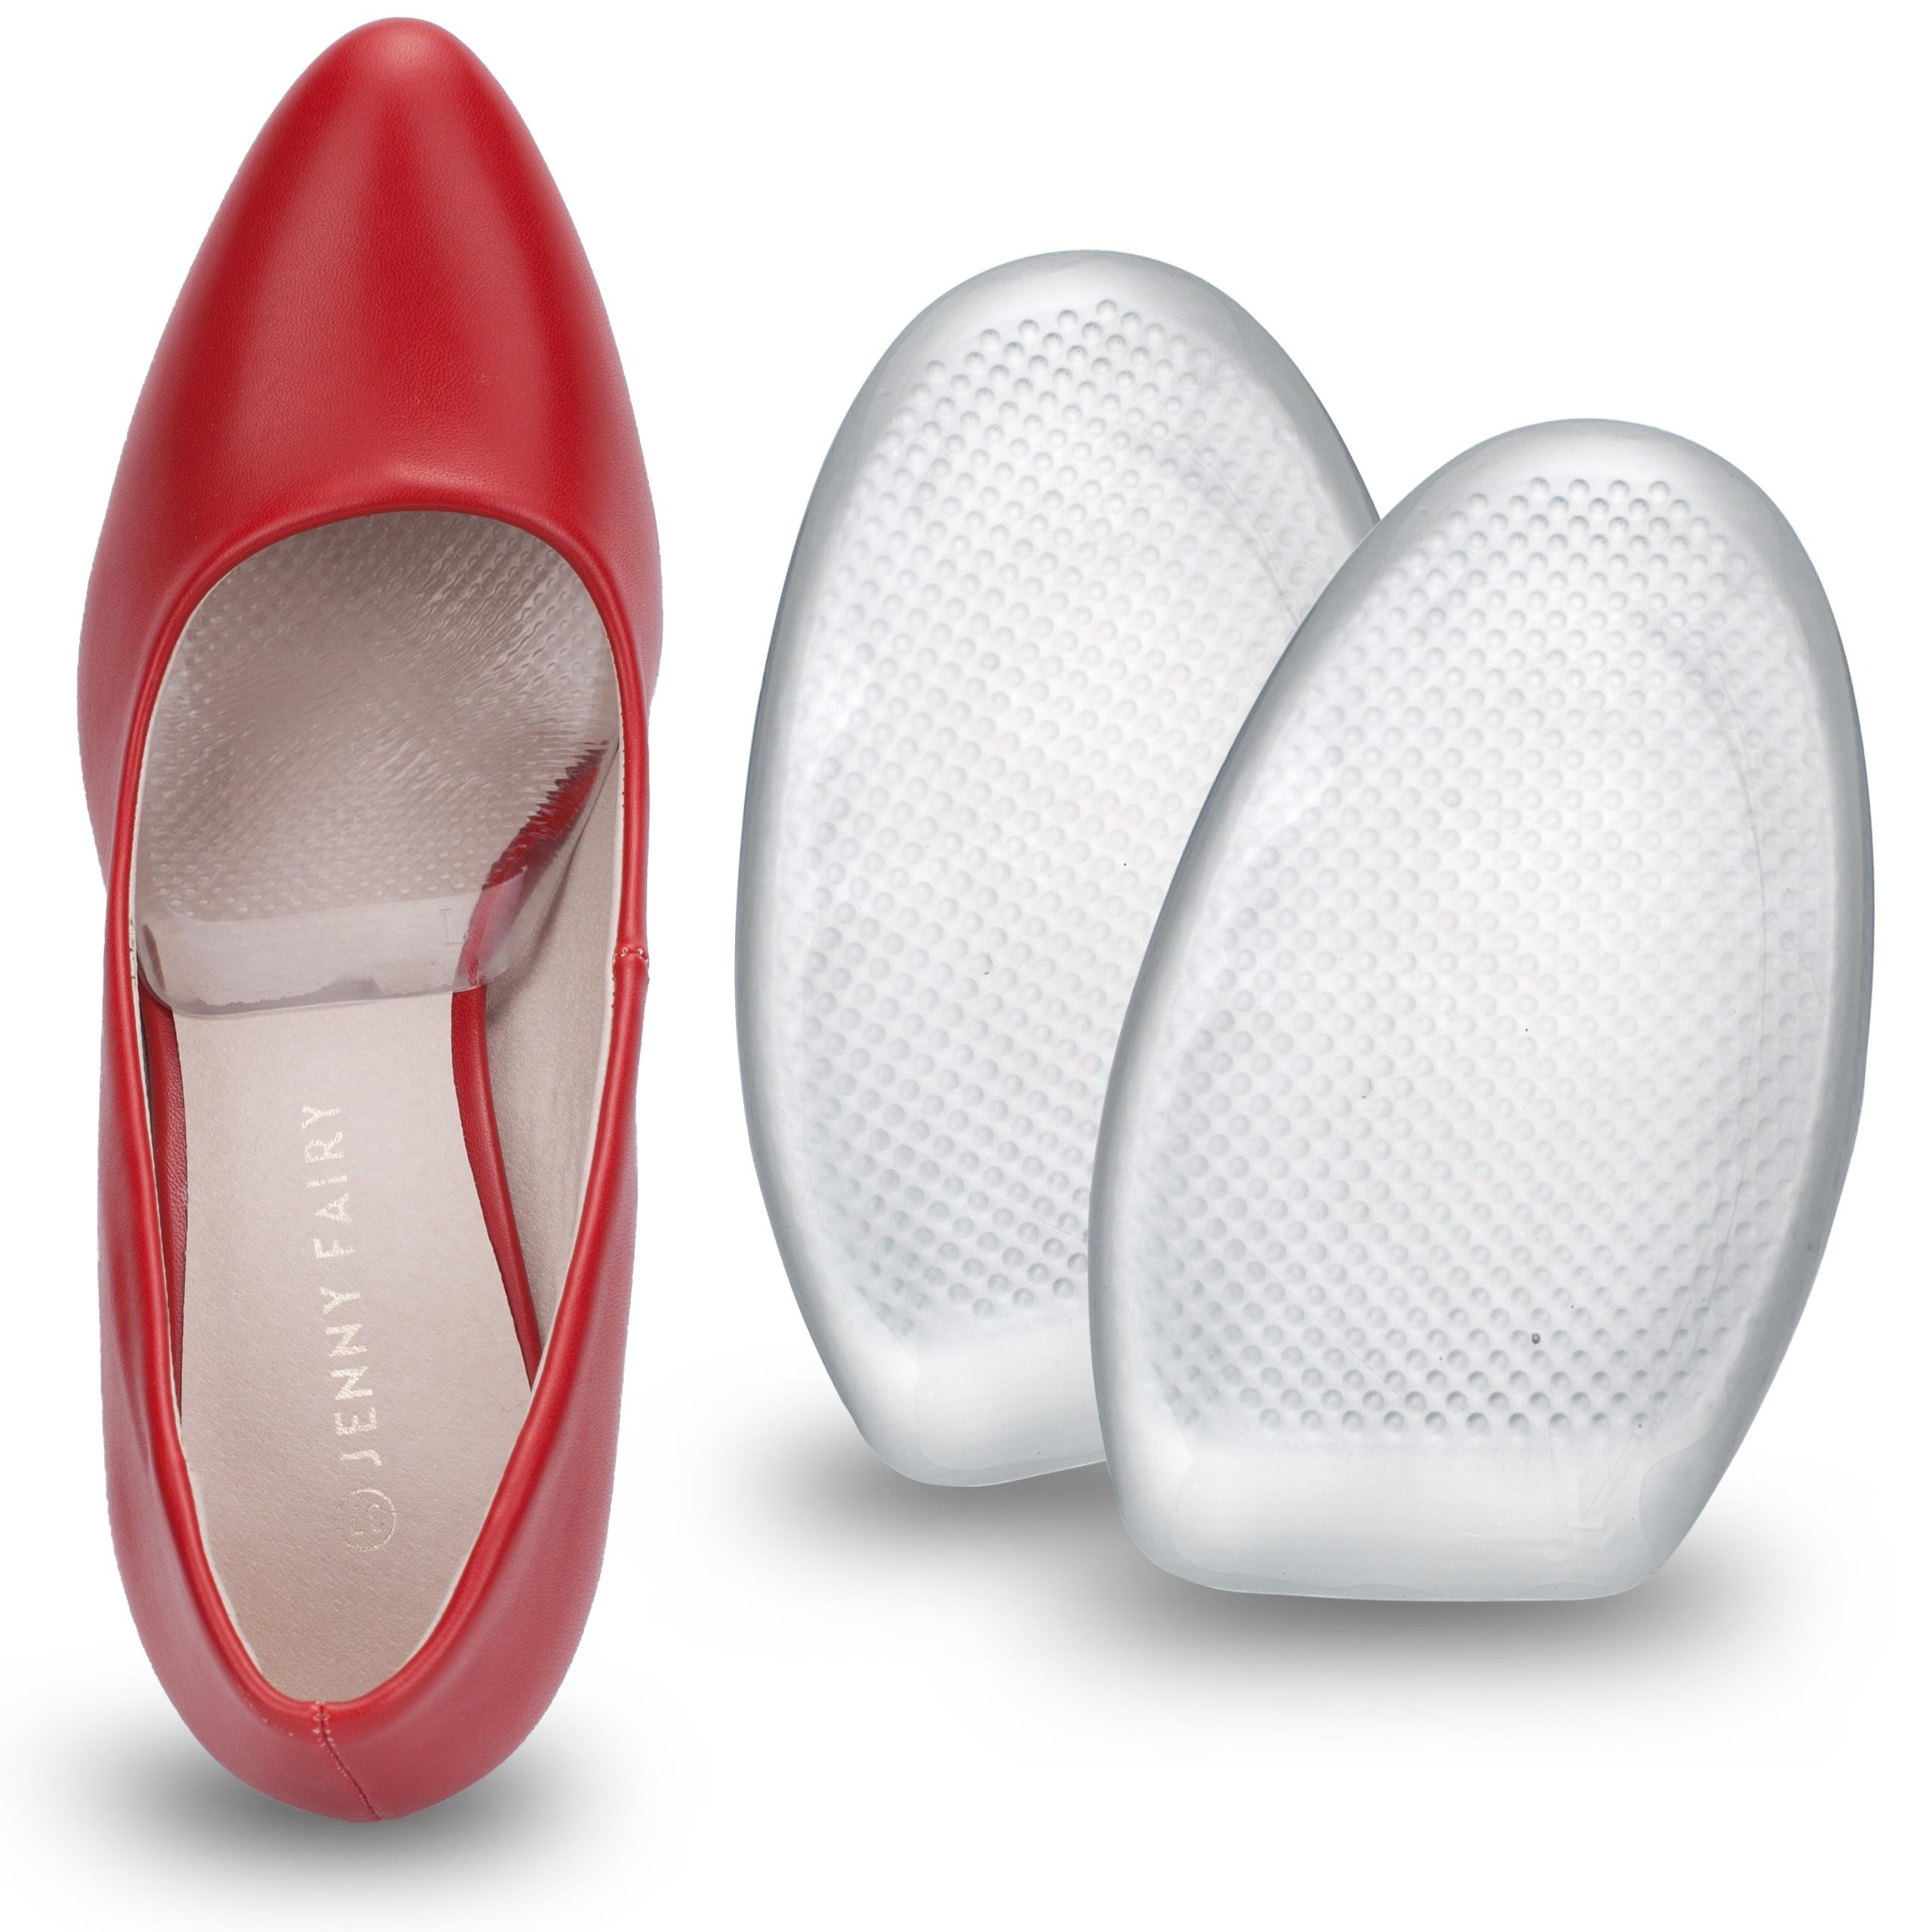 Wkładki do Butów silikonowe Żelowe obcasie Szpilek